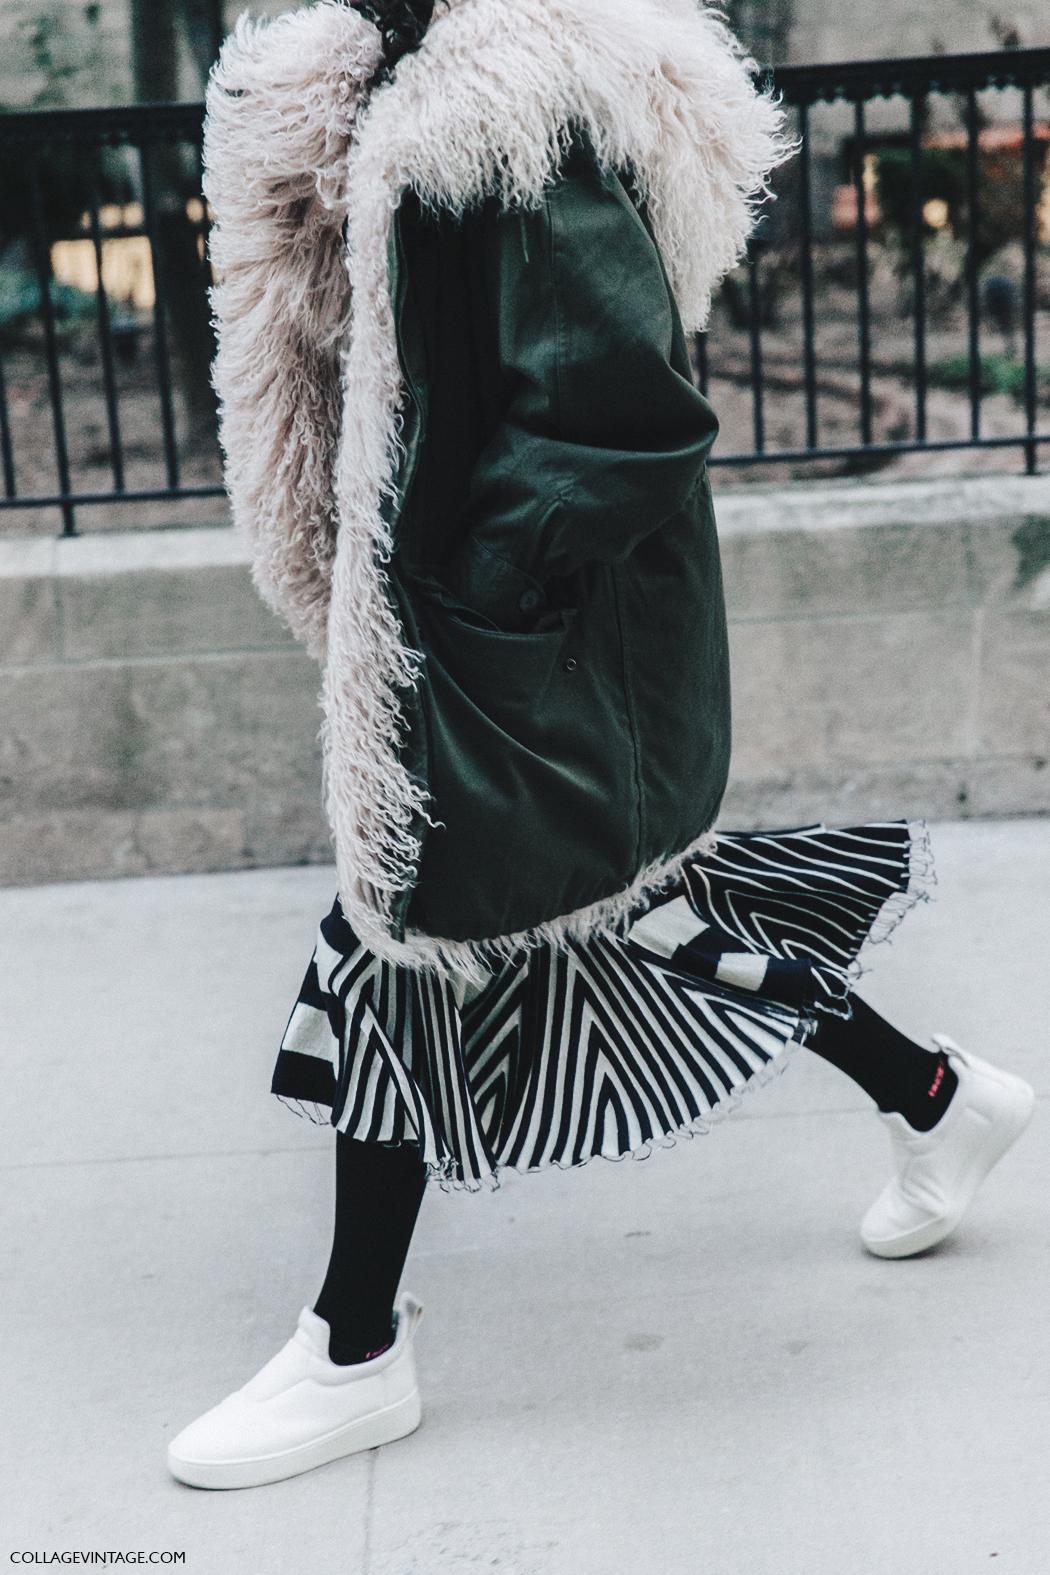 NYFW-New_York_Fashion_Week-Fall_Winter-17-Street_Style-Parka-Celine_Sneakers-